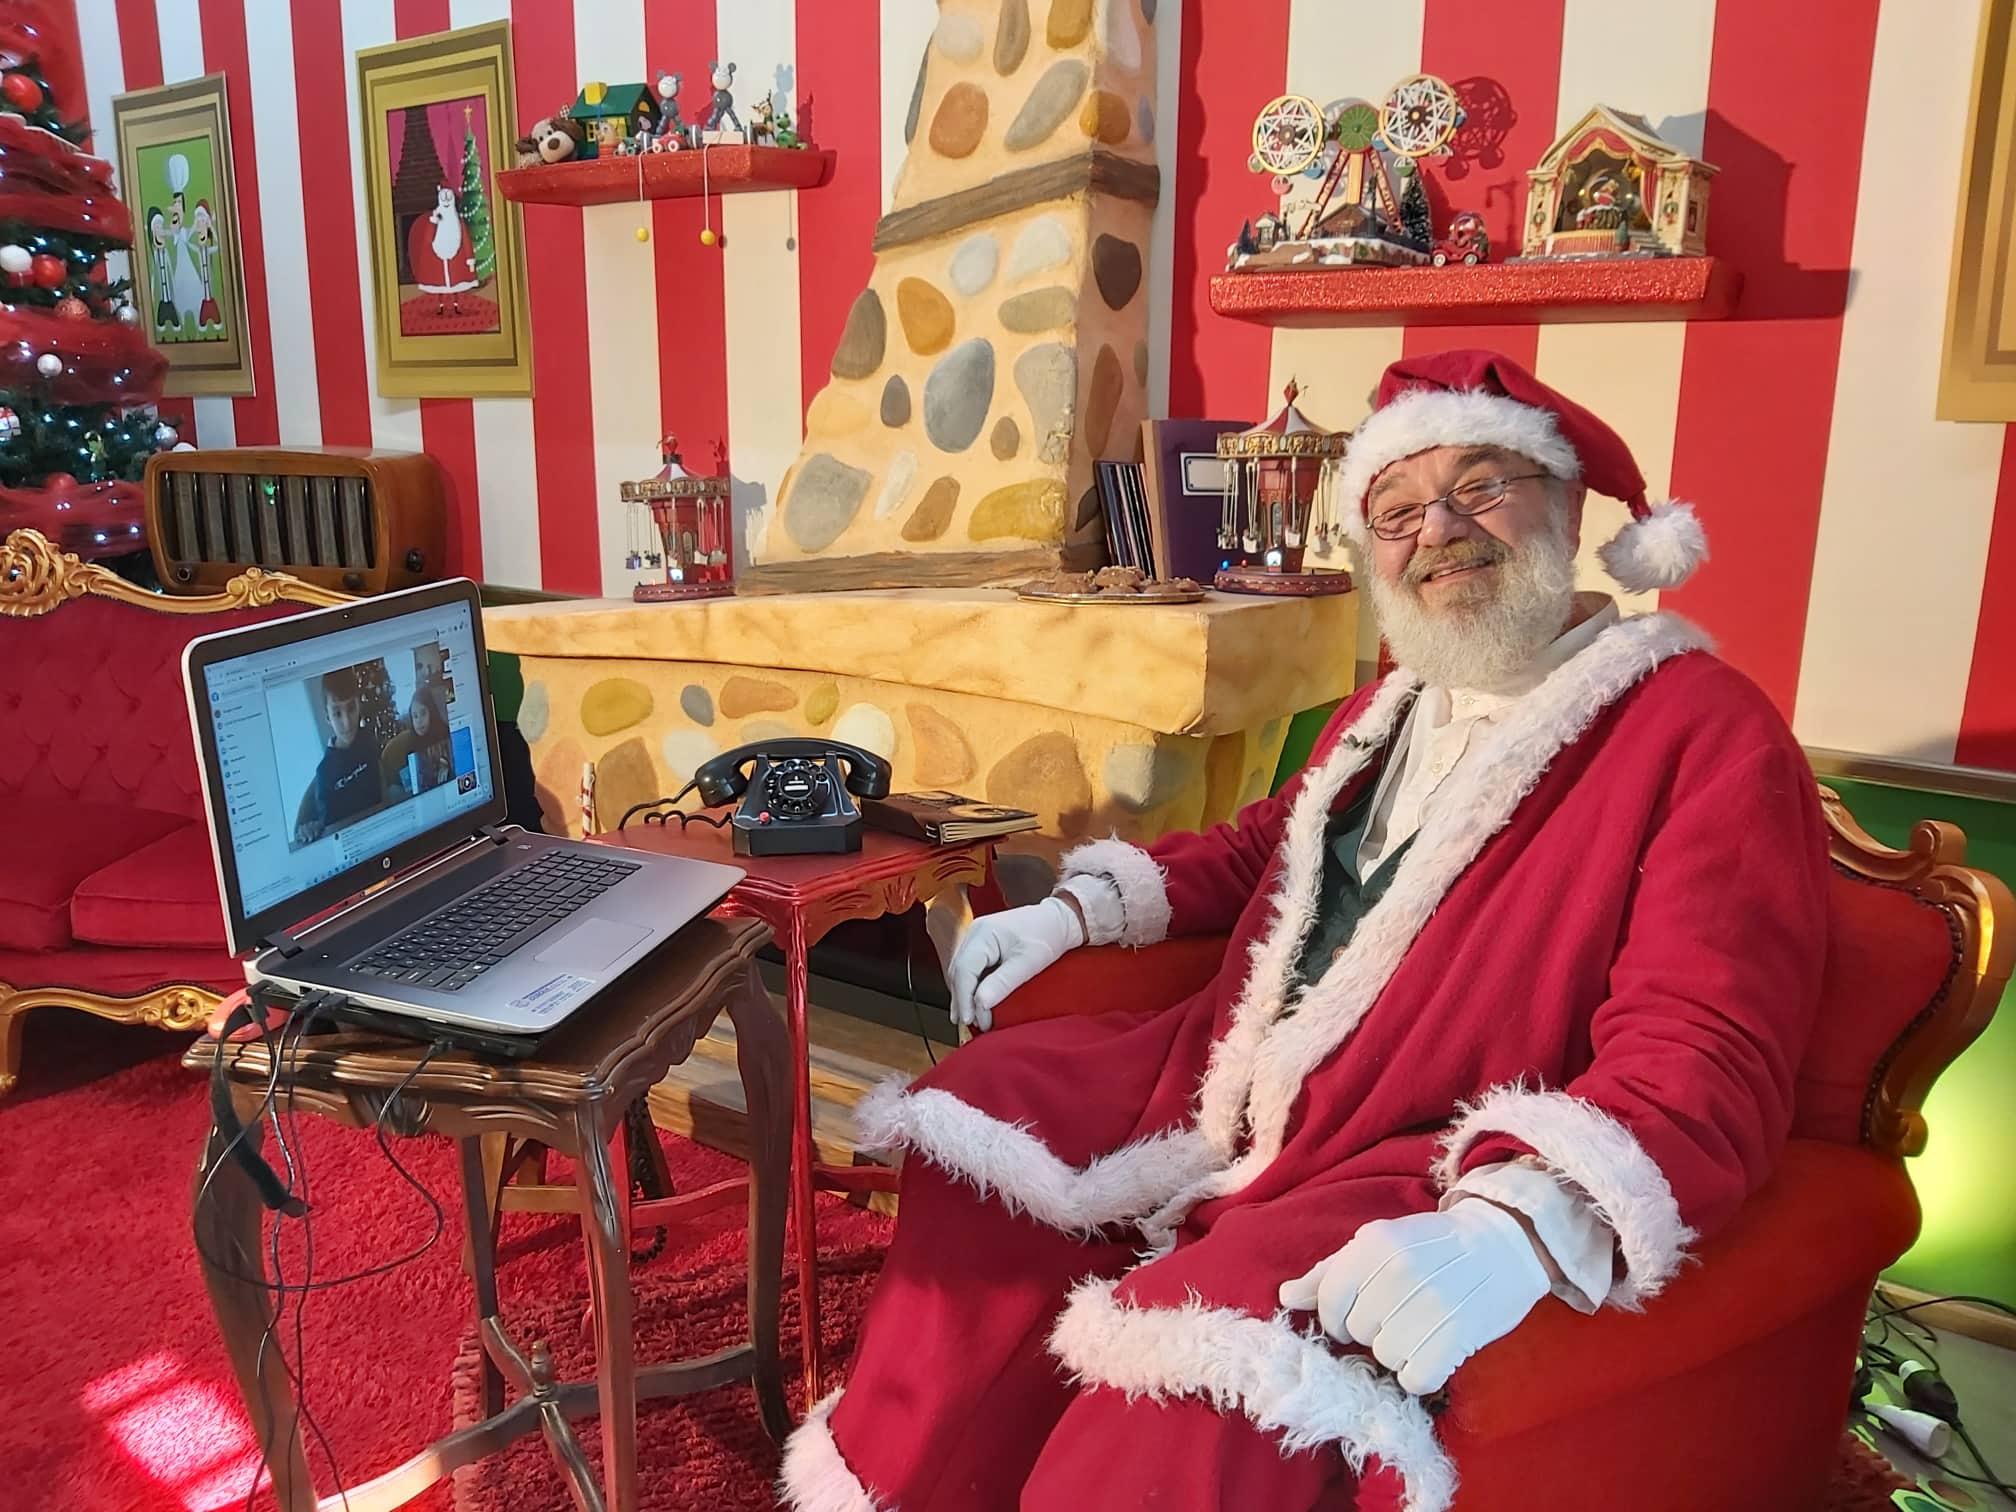 Άγιος Βασίλης υπολογιστής